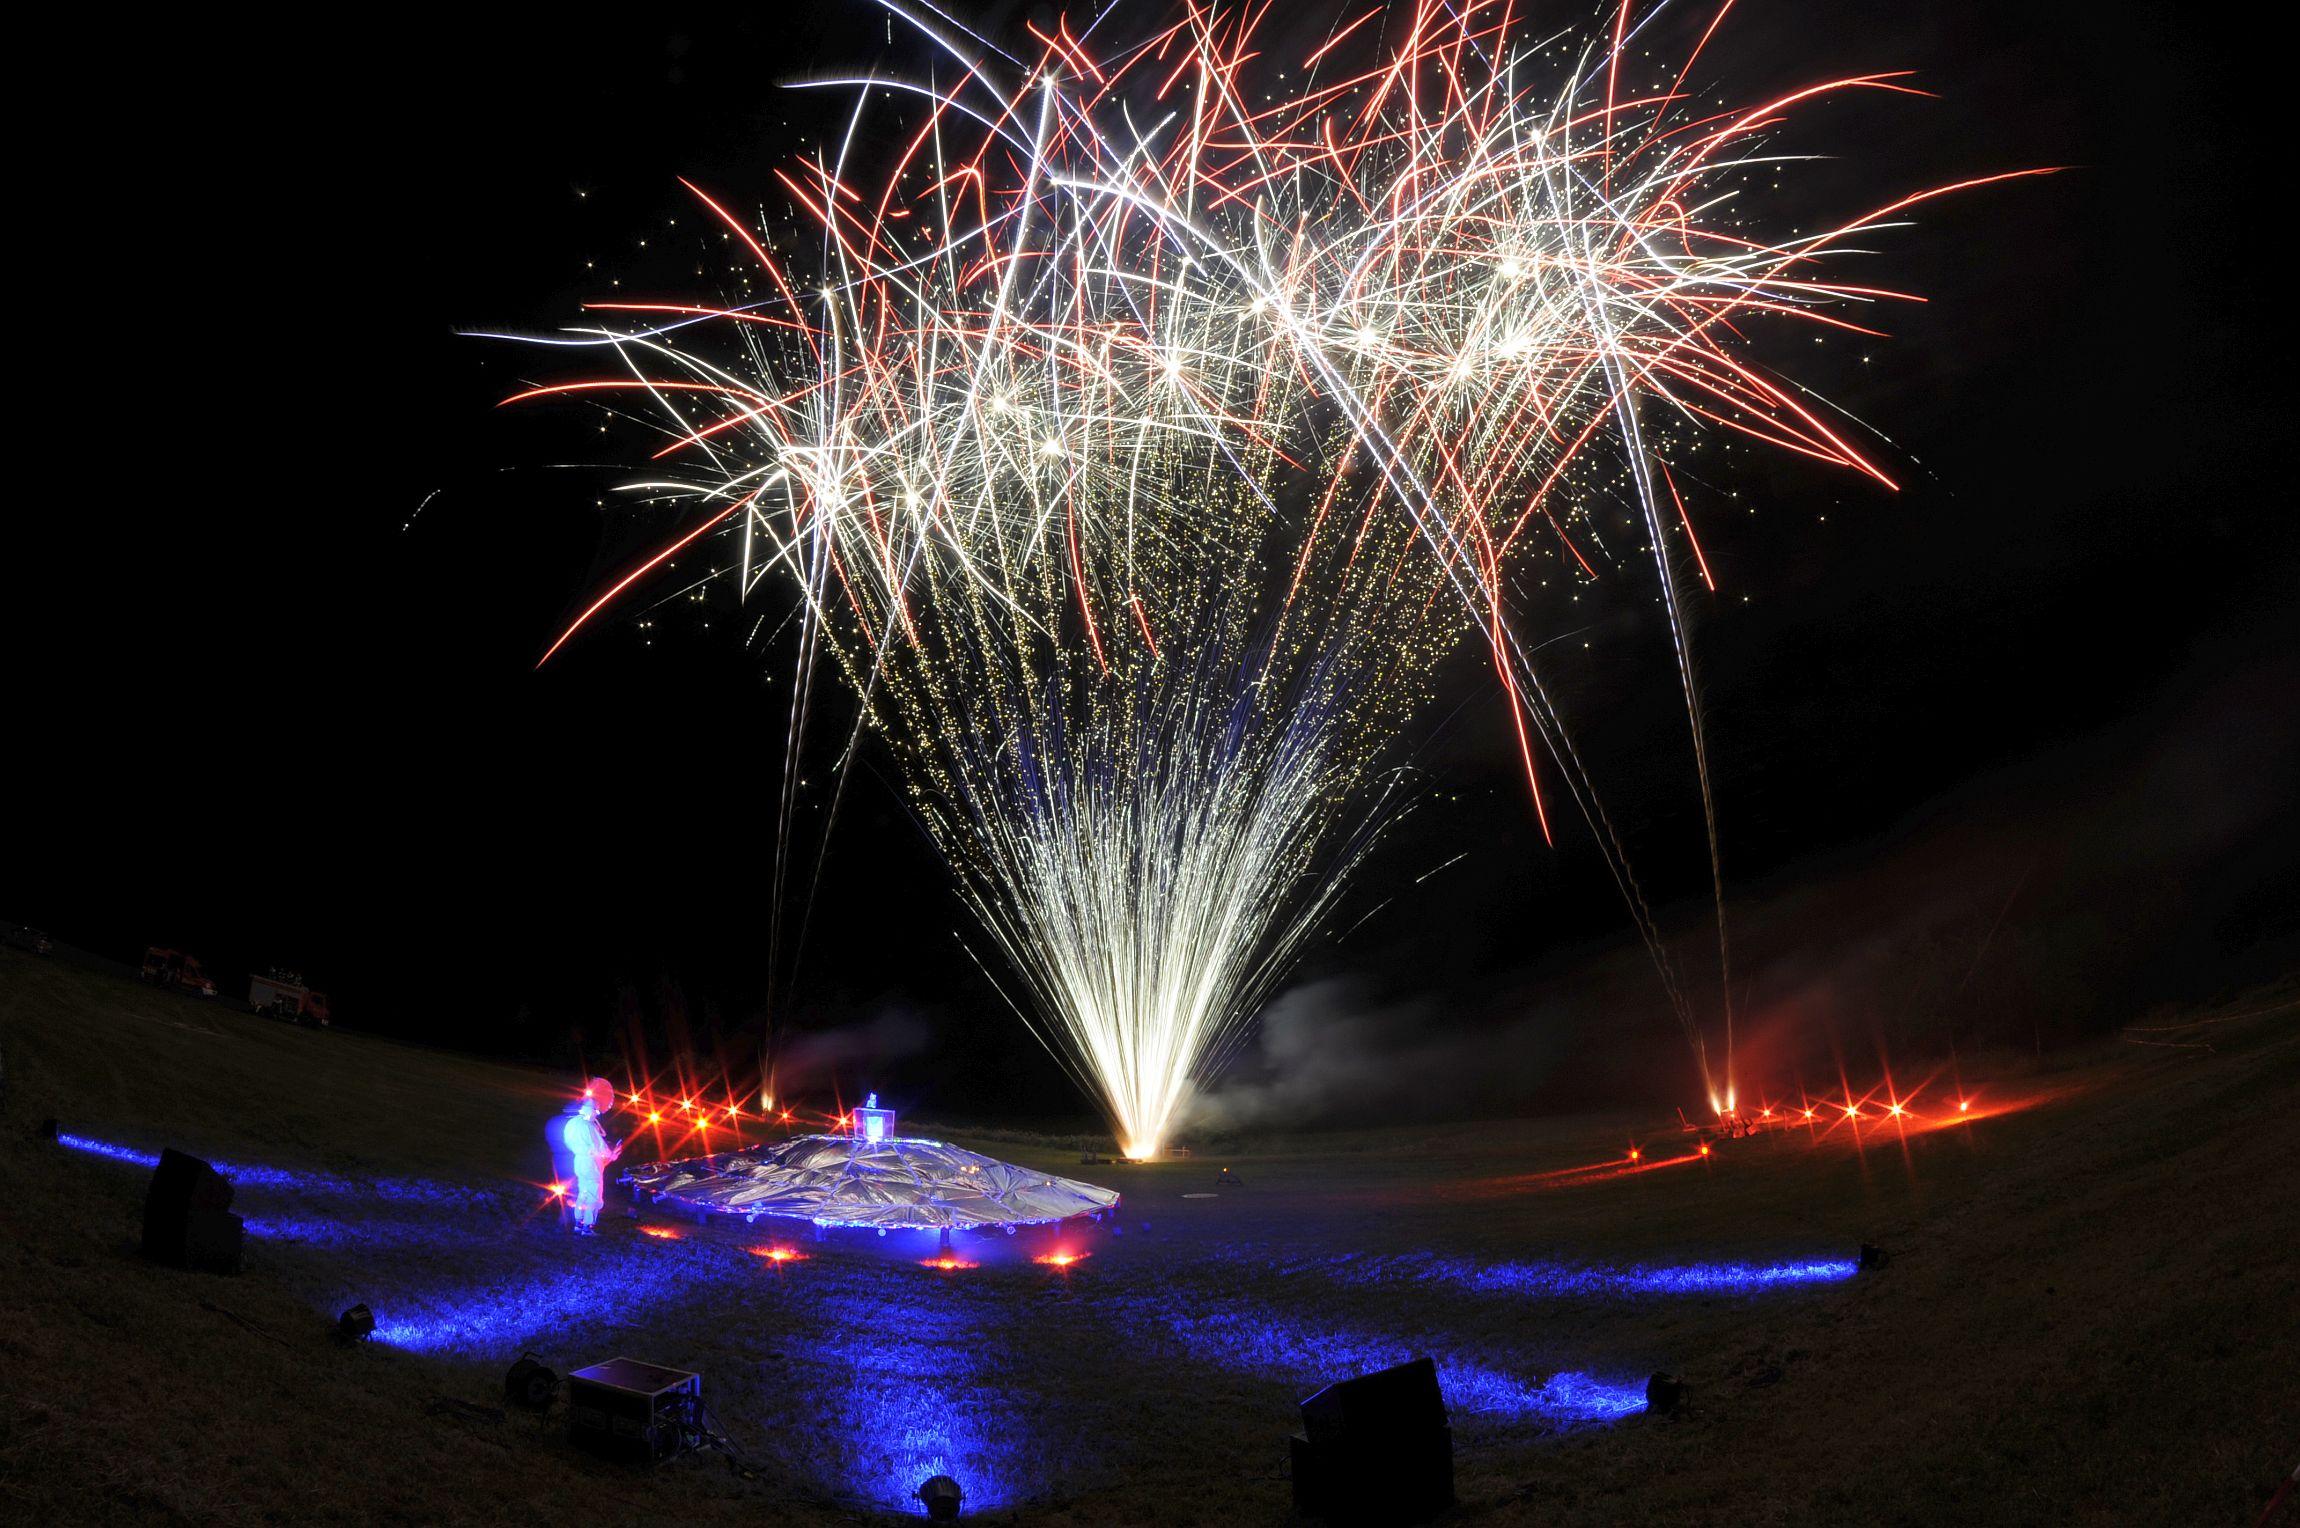 Stelzenfestspiele Reuth Feuerwerk